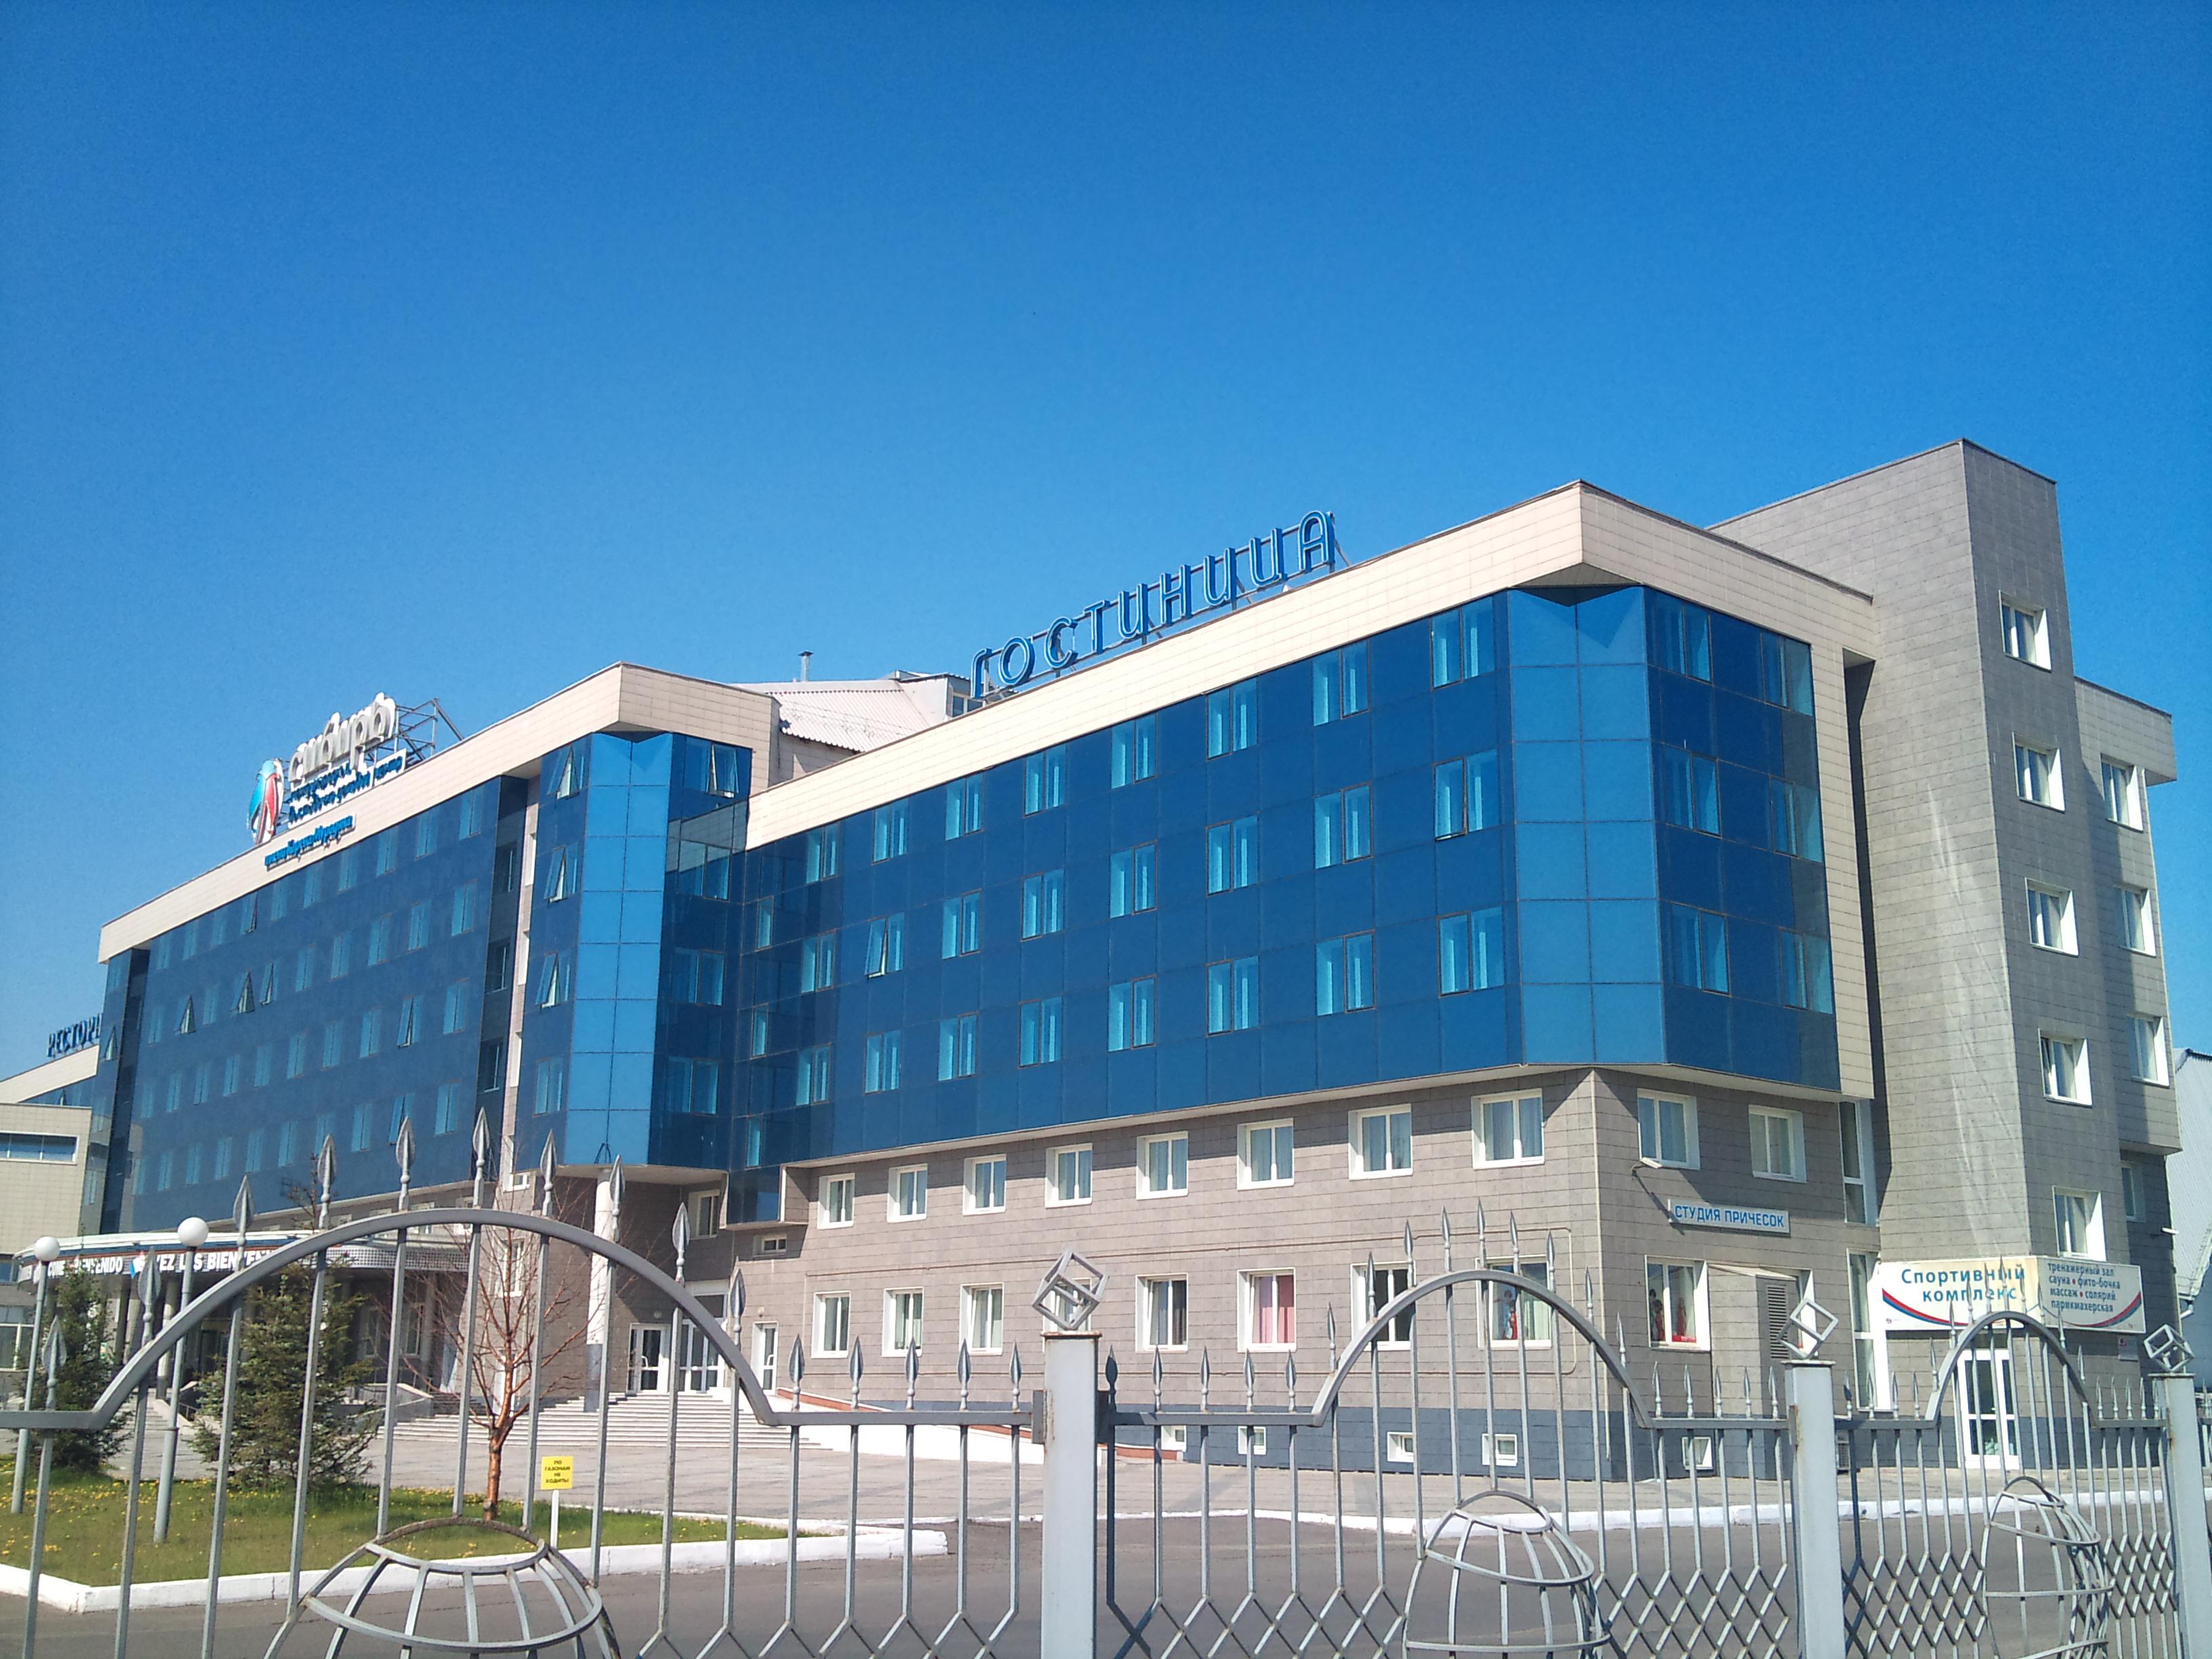 Красноярск гостиница международного класса Сибирь. 4.06.2012 года